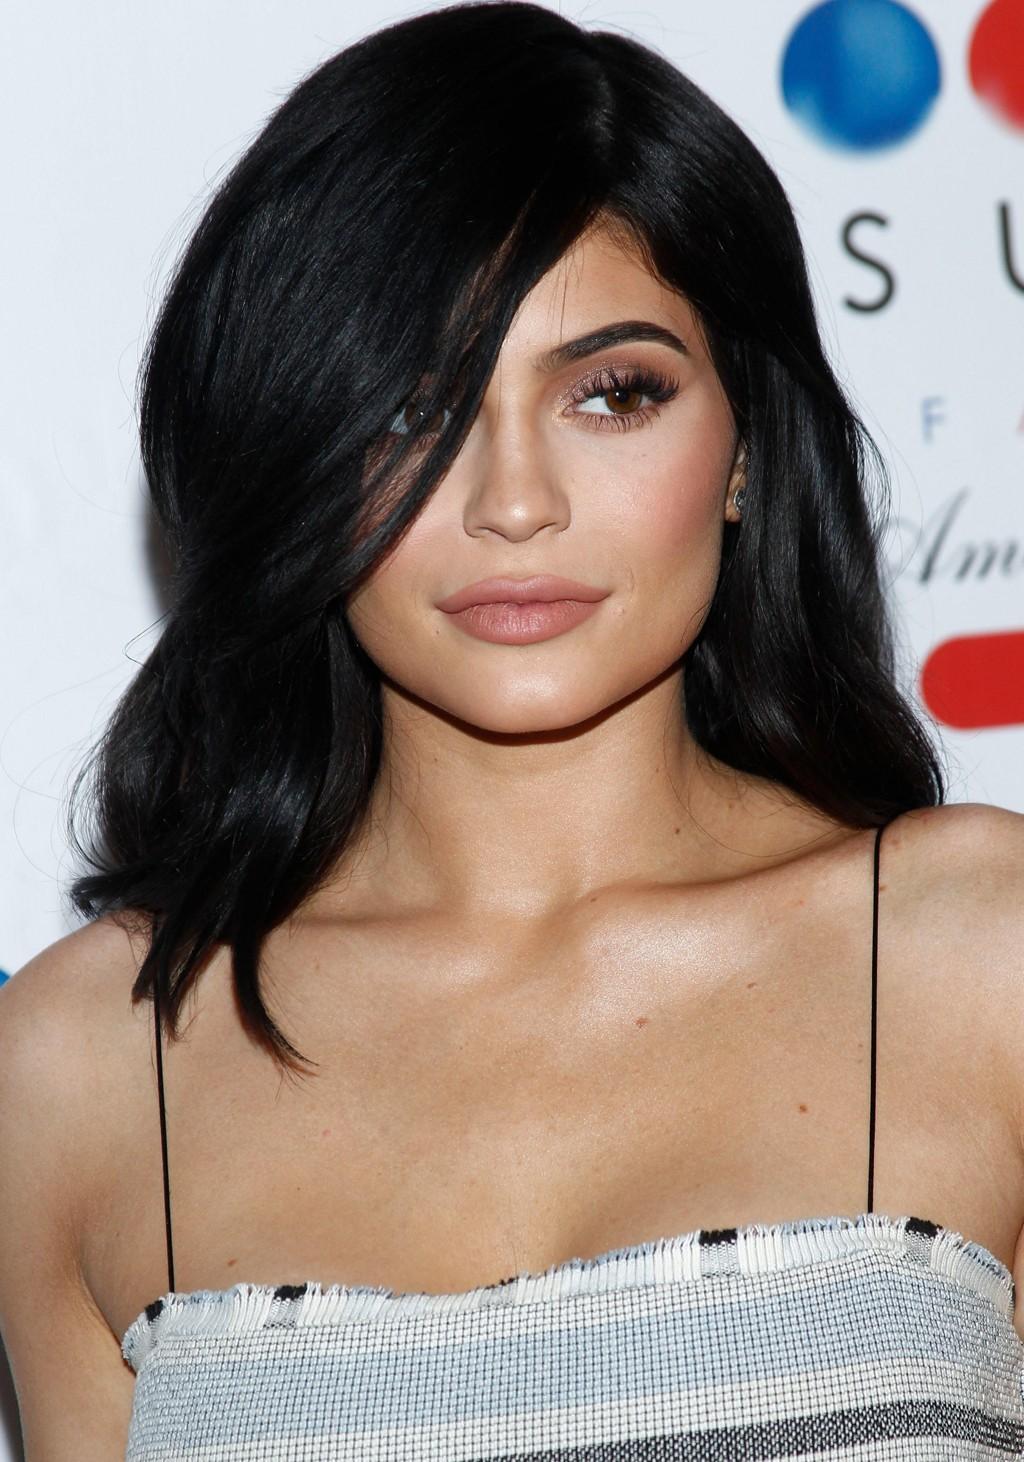 Kylie Jenner klarer igjen å skape blest rundt hvorvidt hun er gravid eller ikke i ny photoshoot.